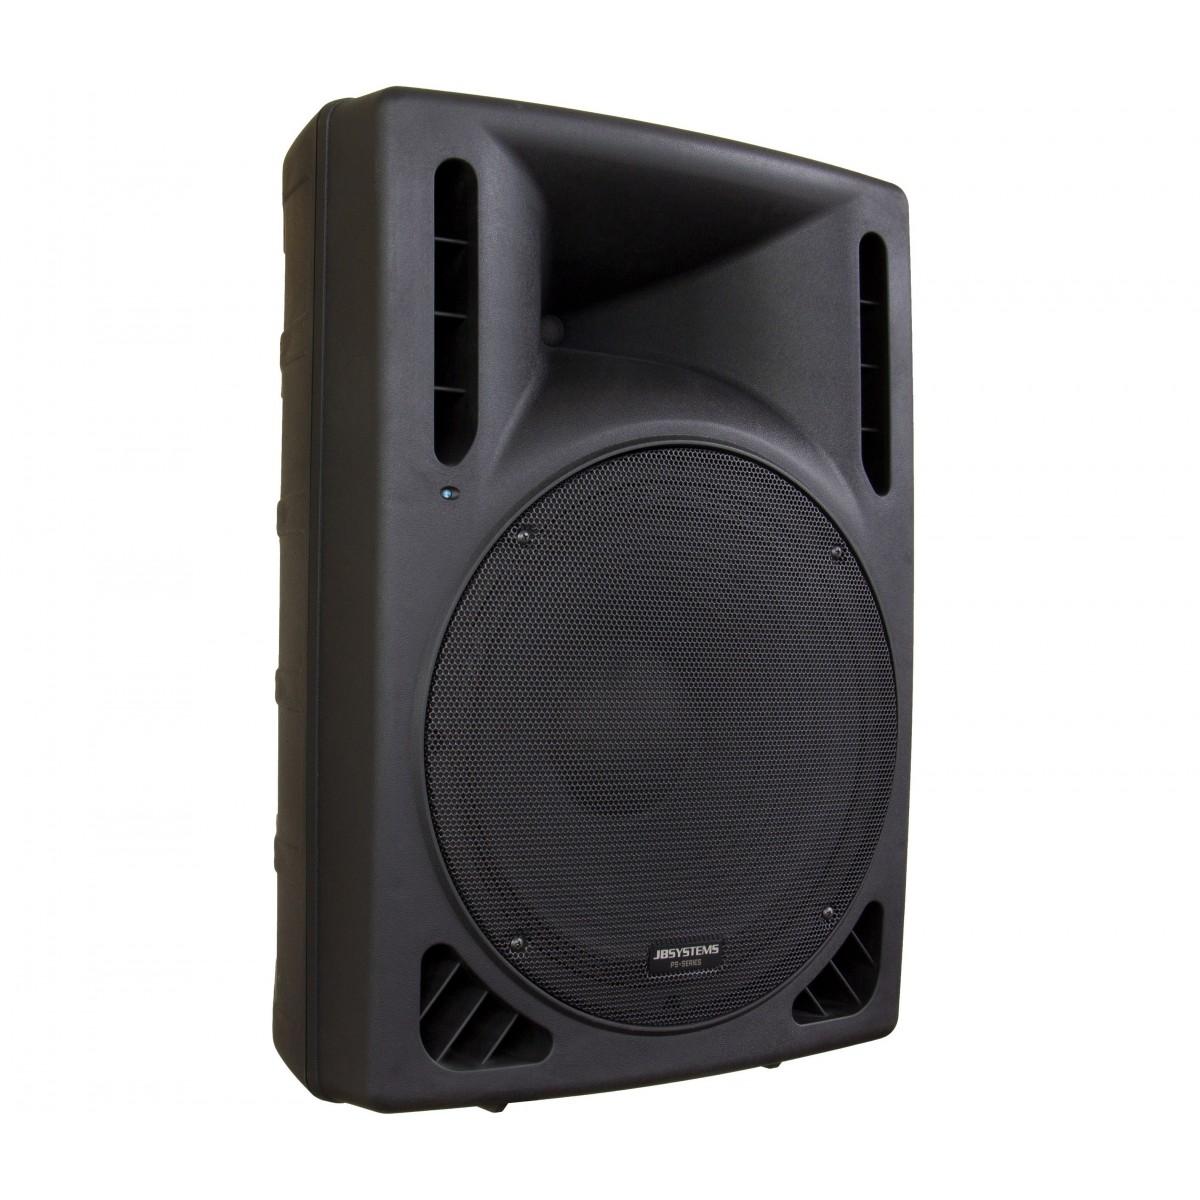 högtalare med bra bas